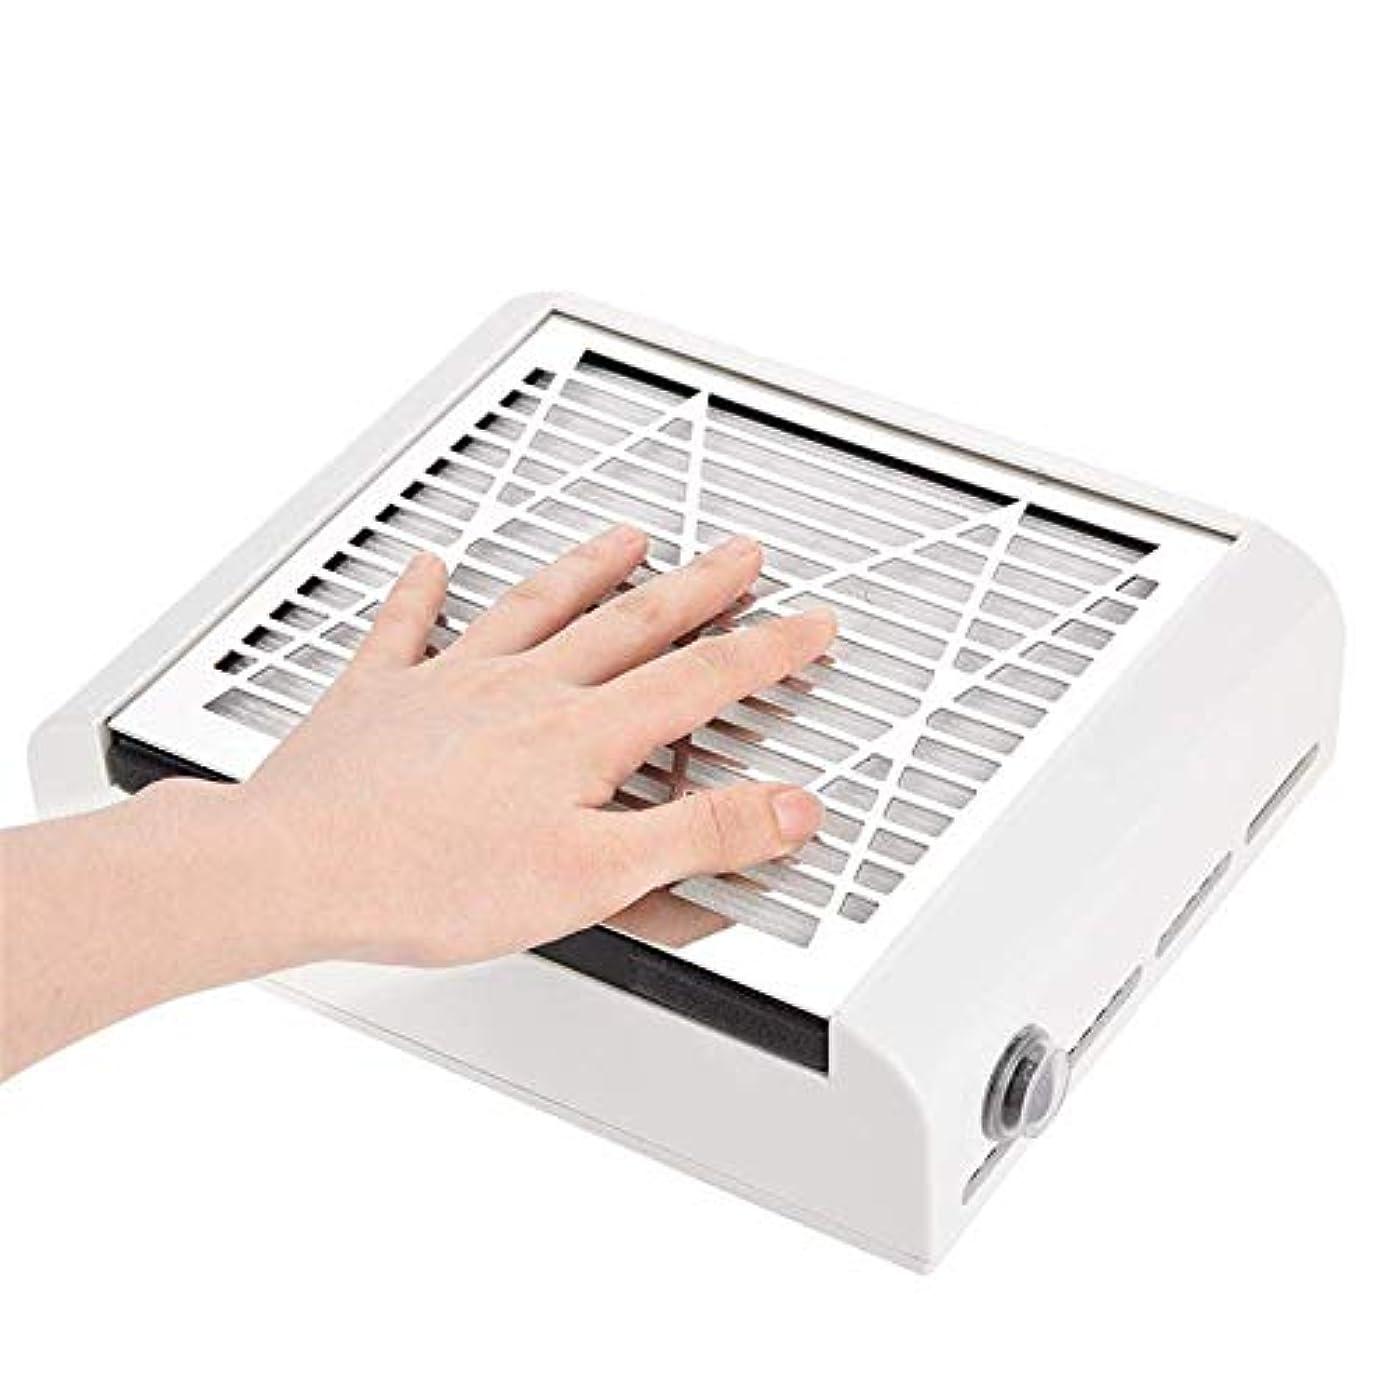 メタリックホワイト 集塵機 ダストクリーナー